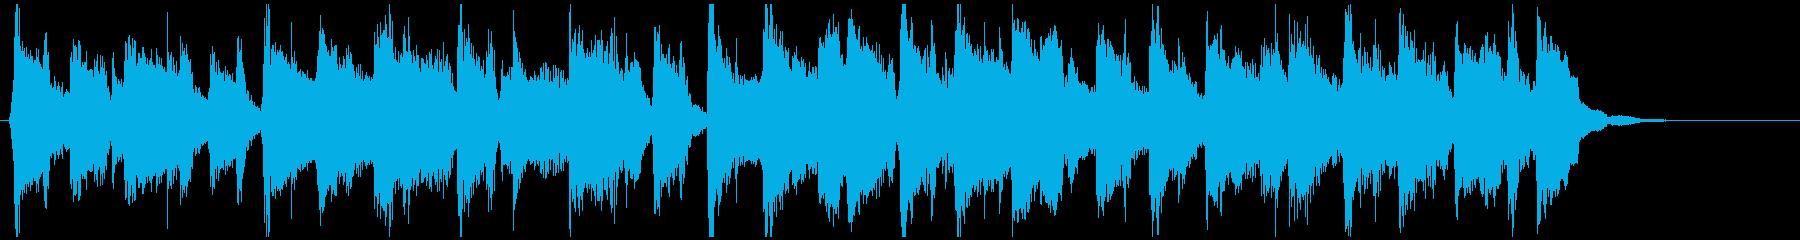 バラエティ系ノリノリなフルートのジングルの再生済みの波形